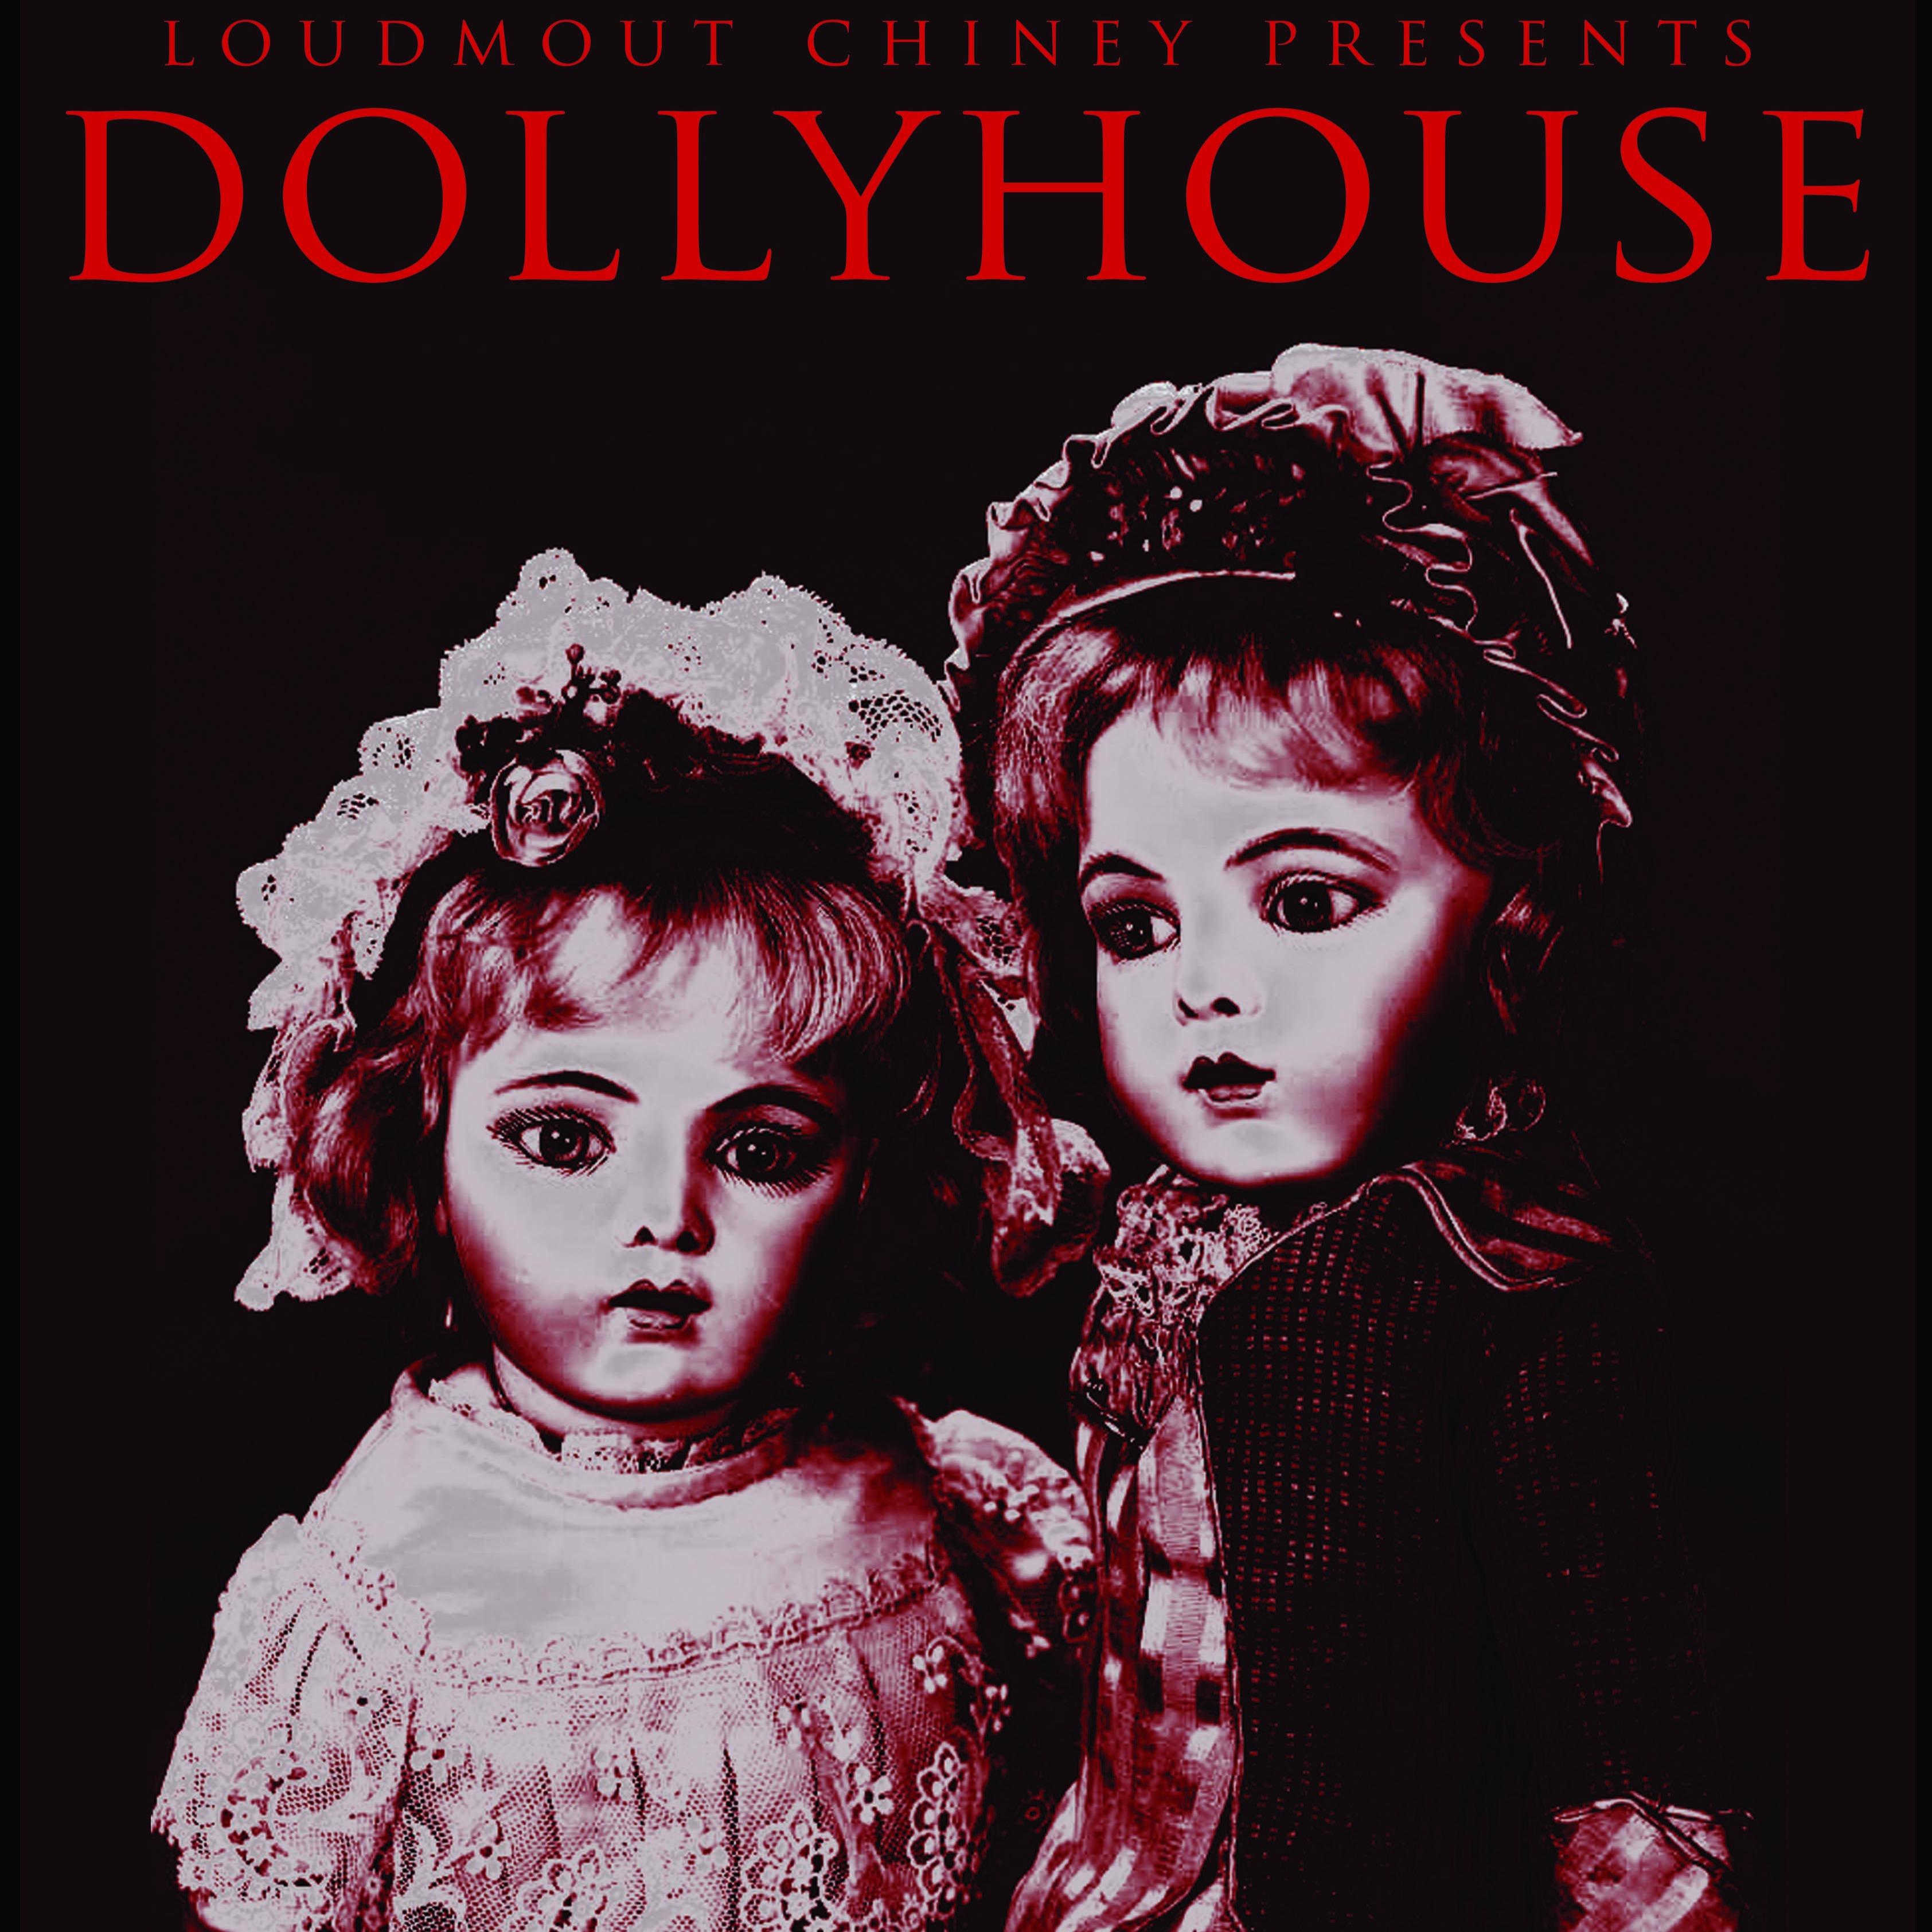 DOLLYHOUSE